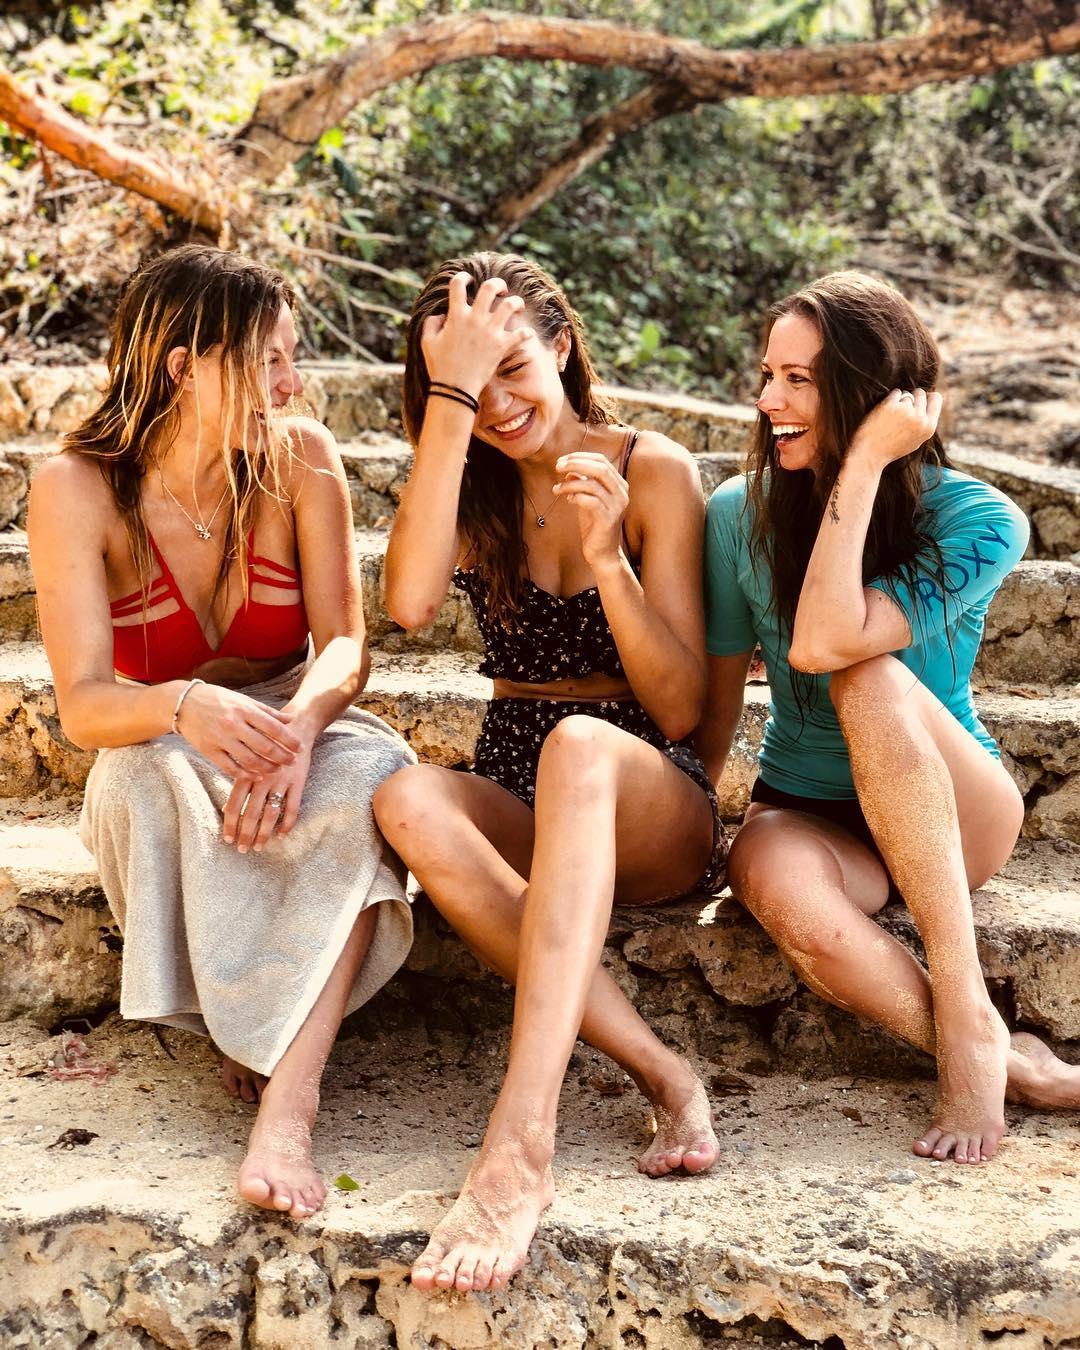 Selon la science, partir en voyage avec ses amies est excellent pour la santé